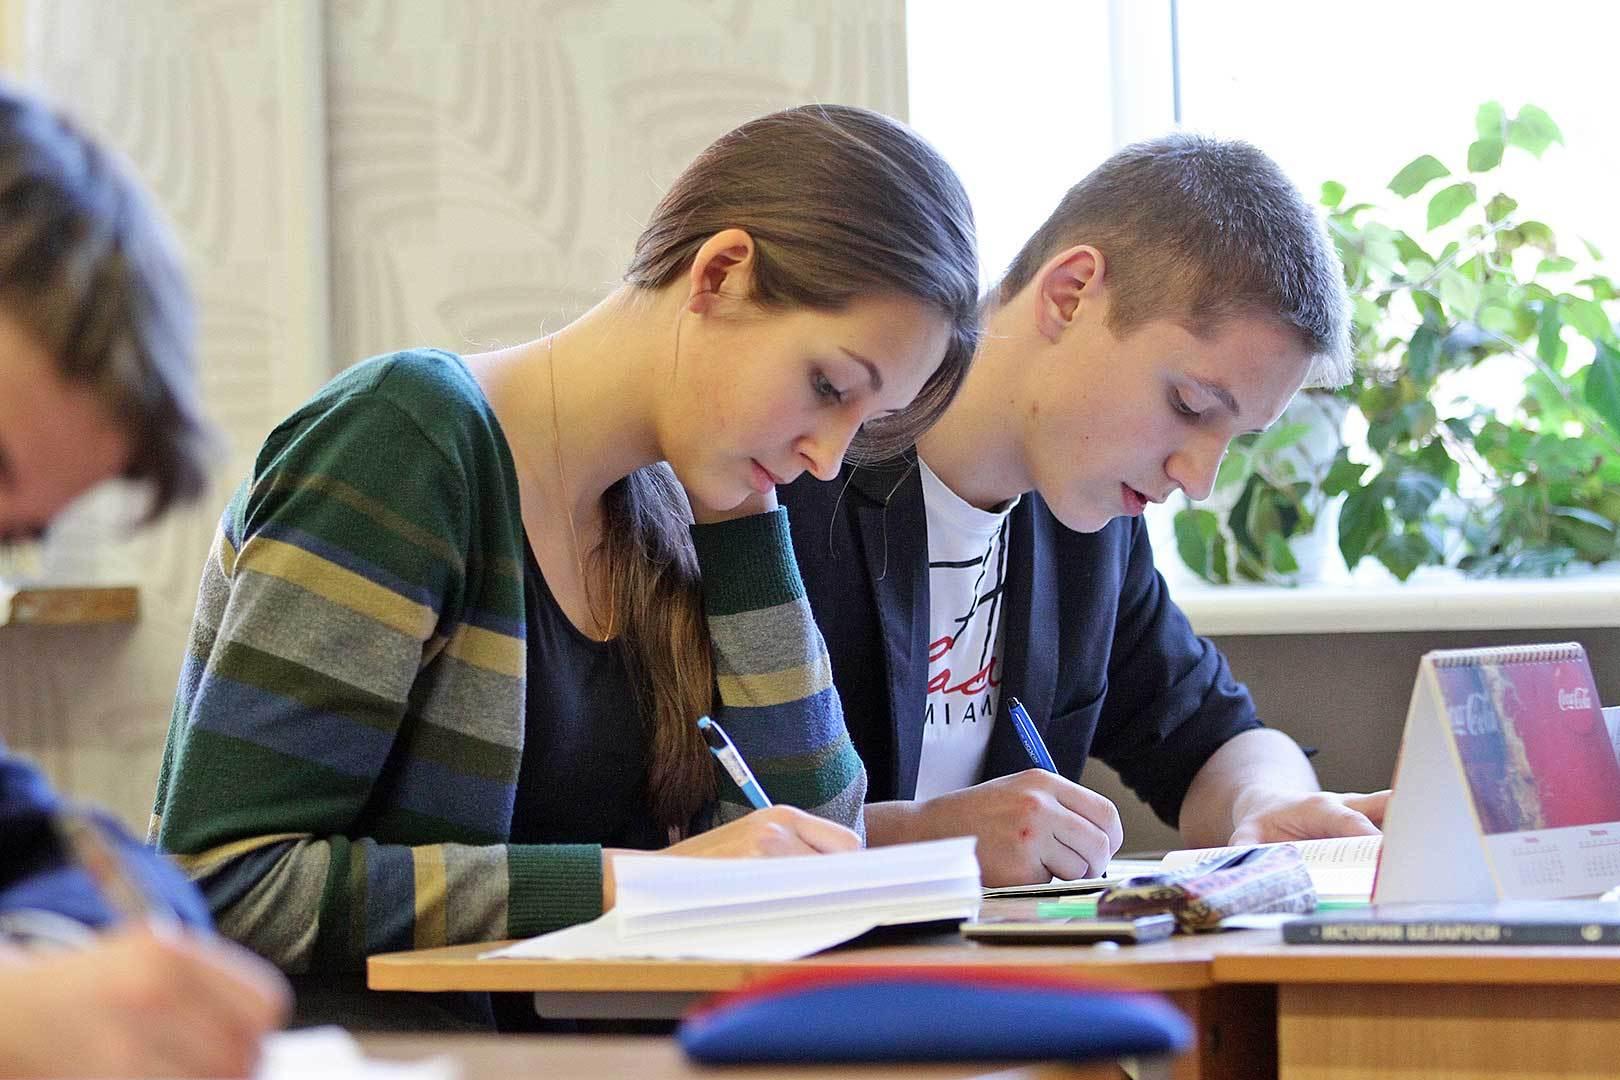 На репетиционное тестирование нужно сходить, чтобы понять, какие темы стоит подтянуть, пока времени еще достаточно.